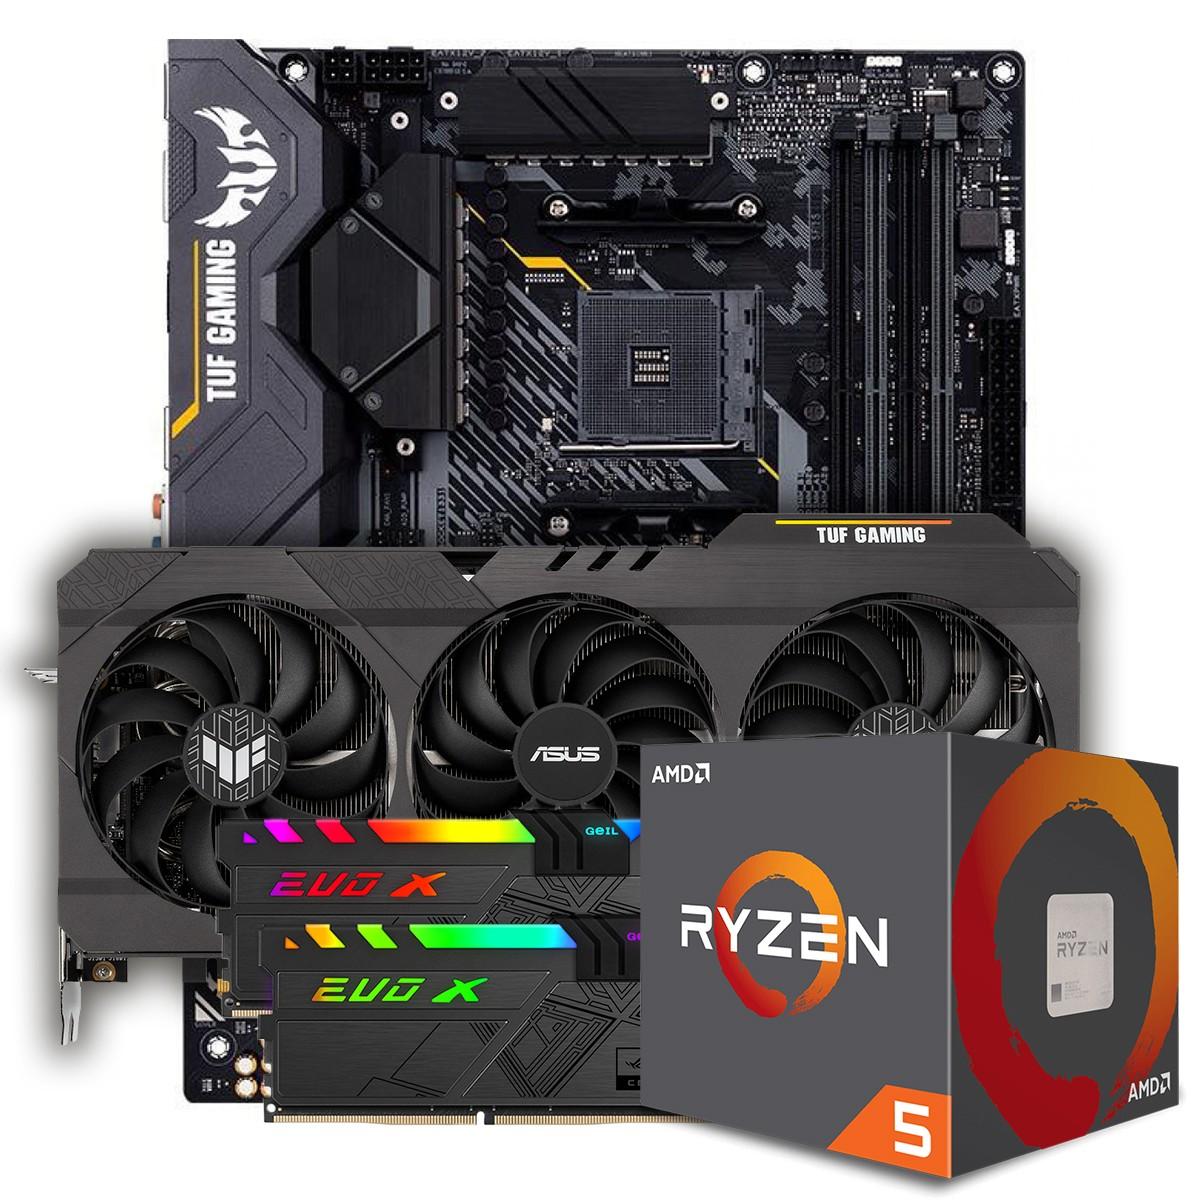 Kit Upgrade ASUS TUF Gaming Radeon RX 6700 XT OC + AMD Ryzen 5 5600X + ASUS TUF Gaming X570-Plus + Memória DDR4 16GB (2x8GB) 3600MHz